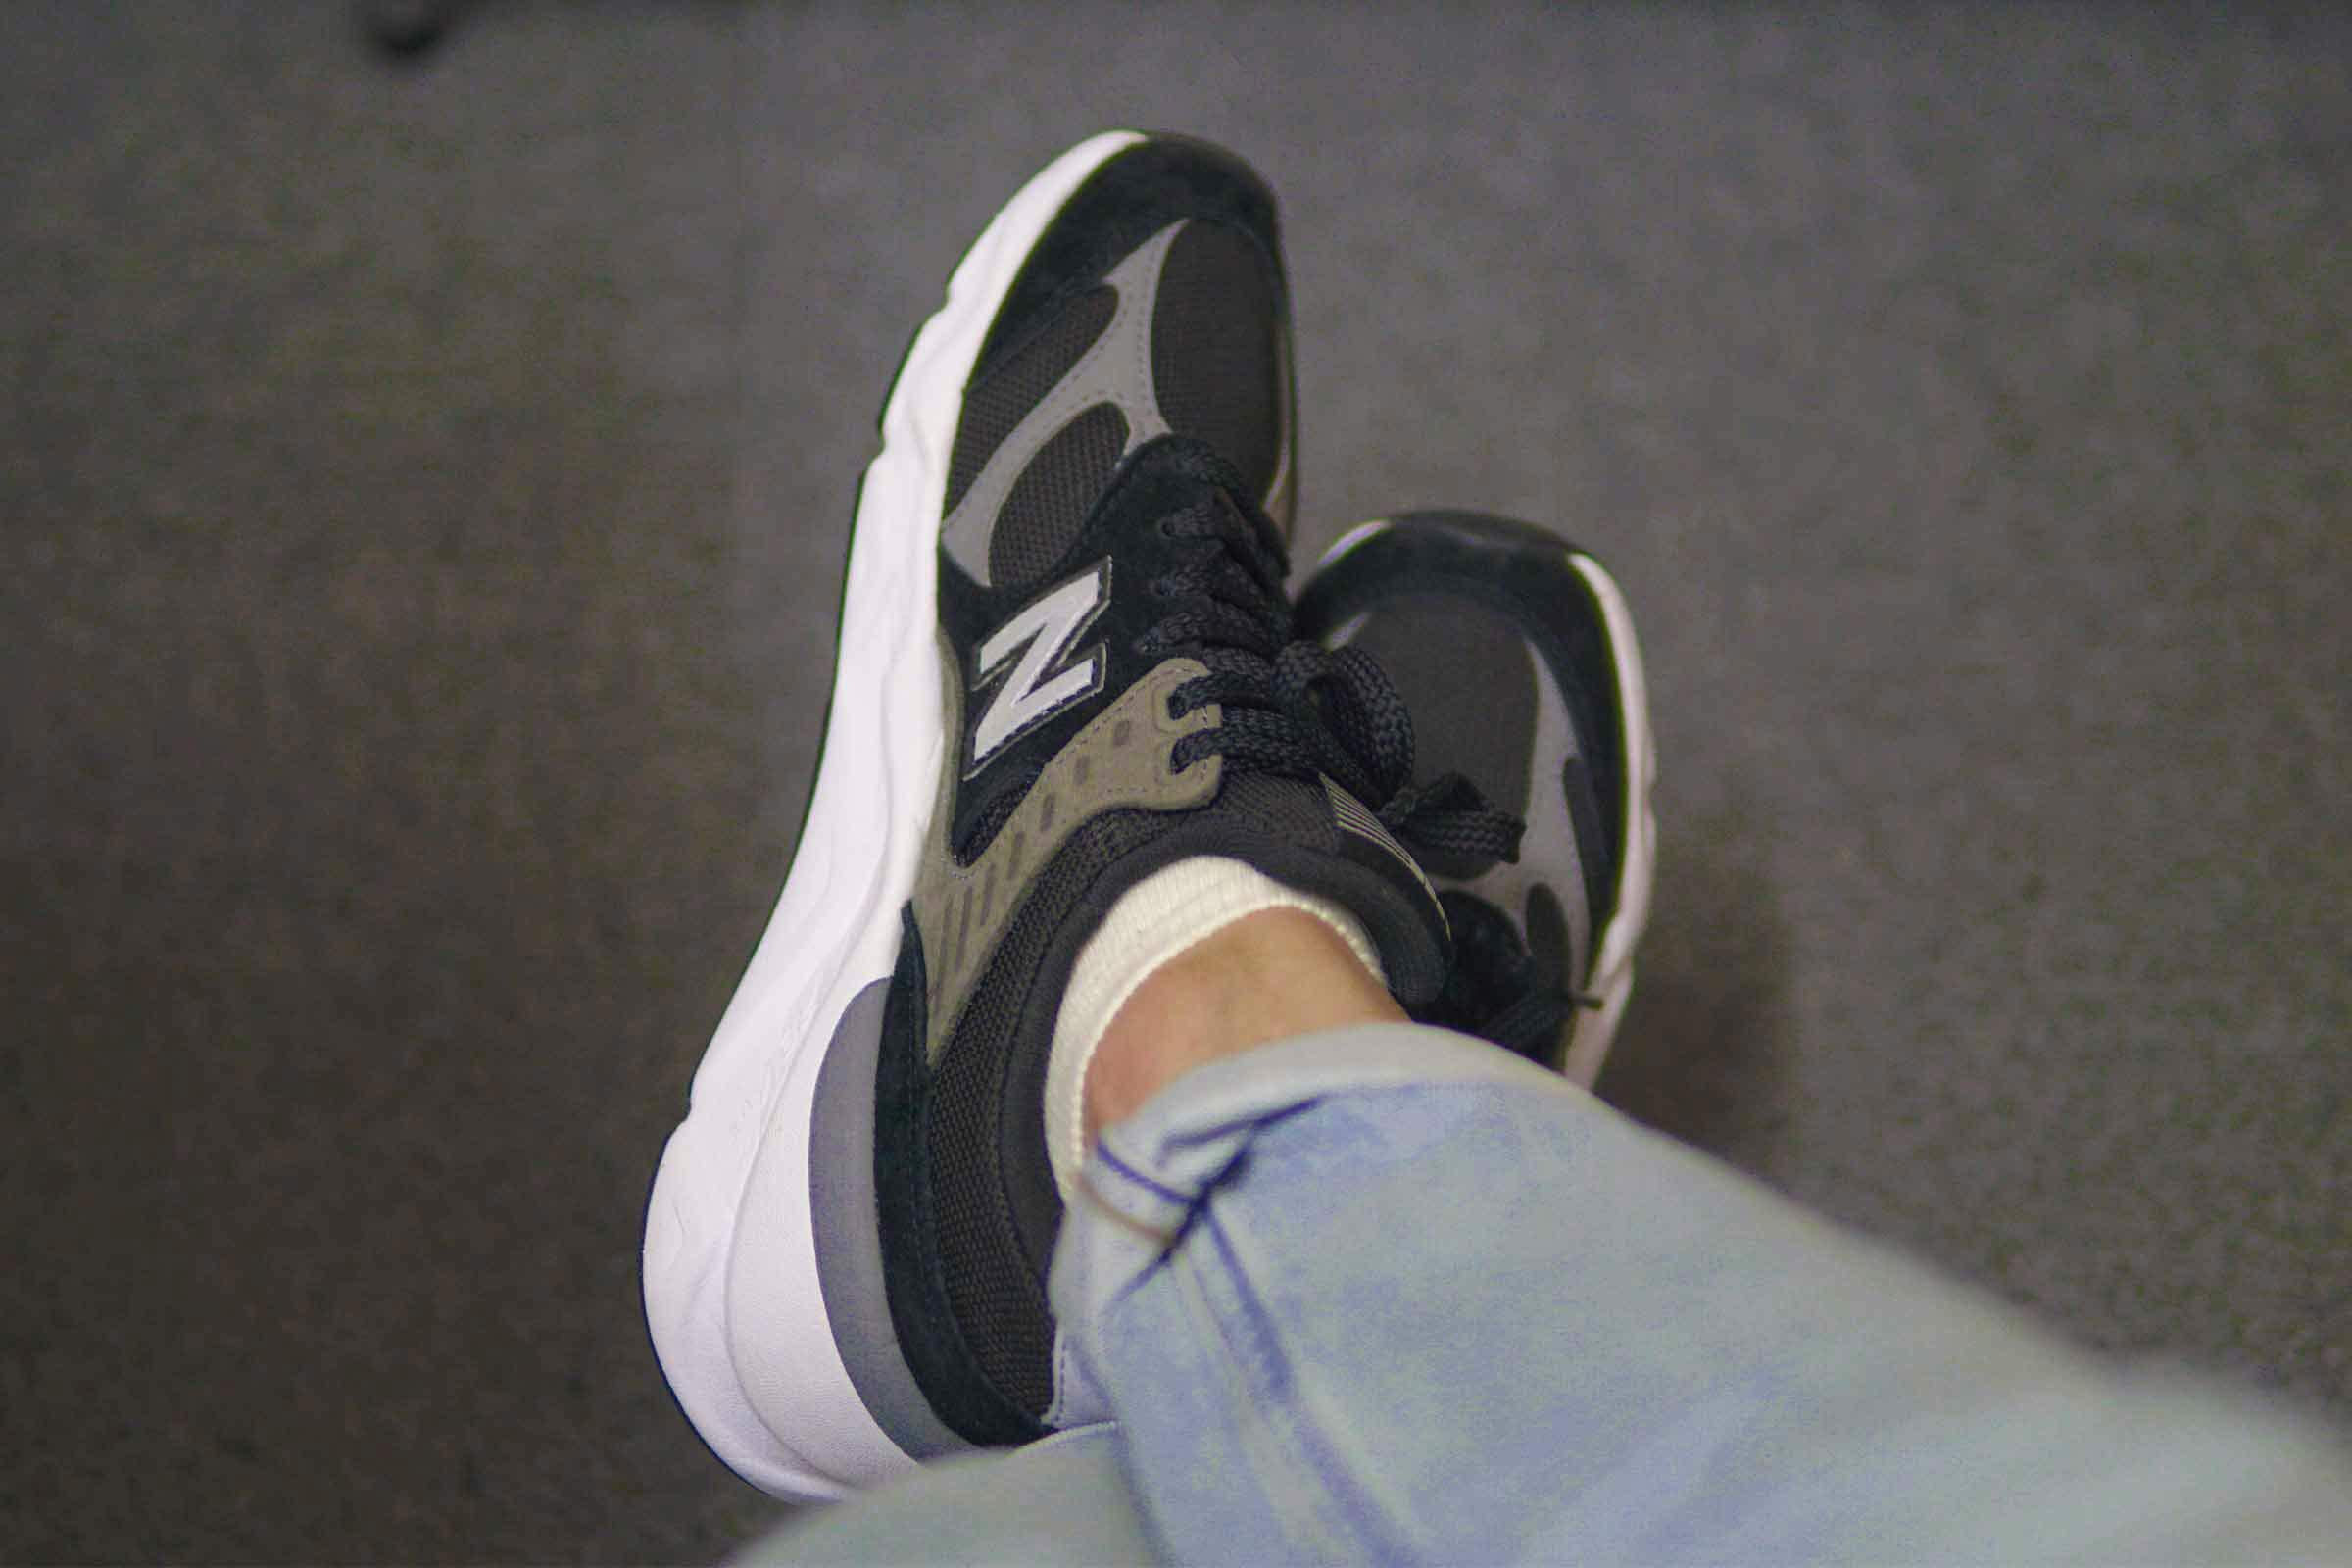 スニーカー,ニューバランス,newbalance,歩きやすい,メンズ,安い